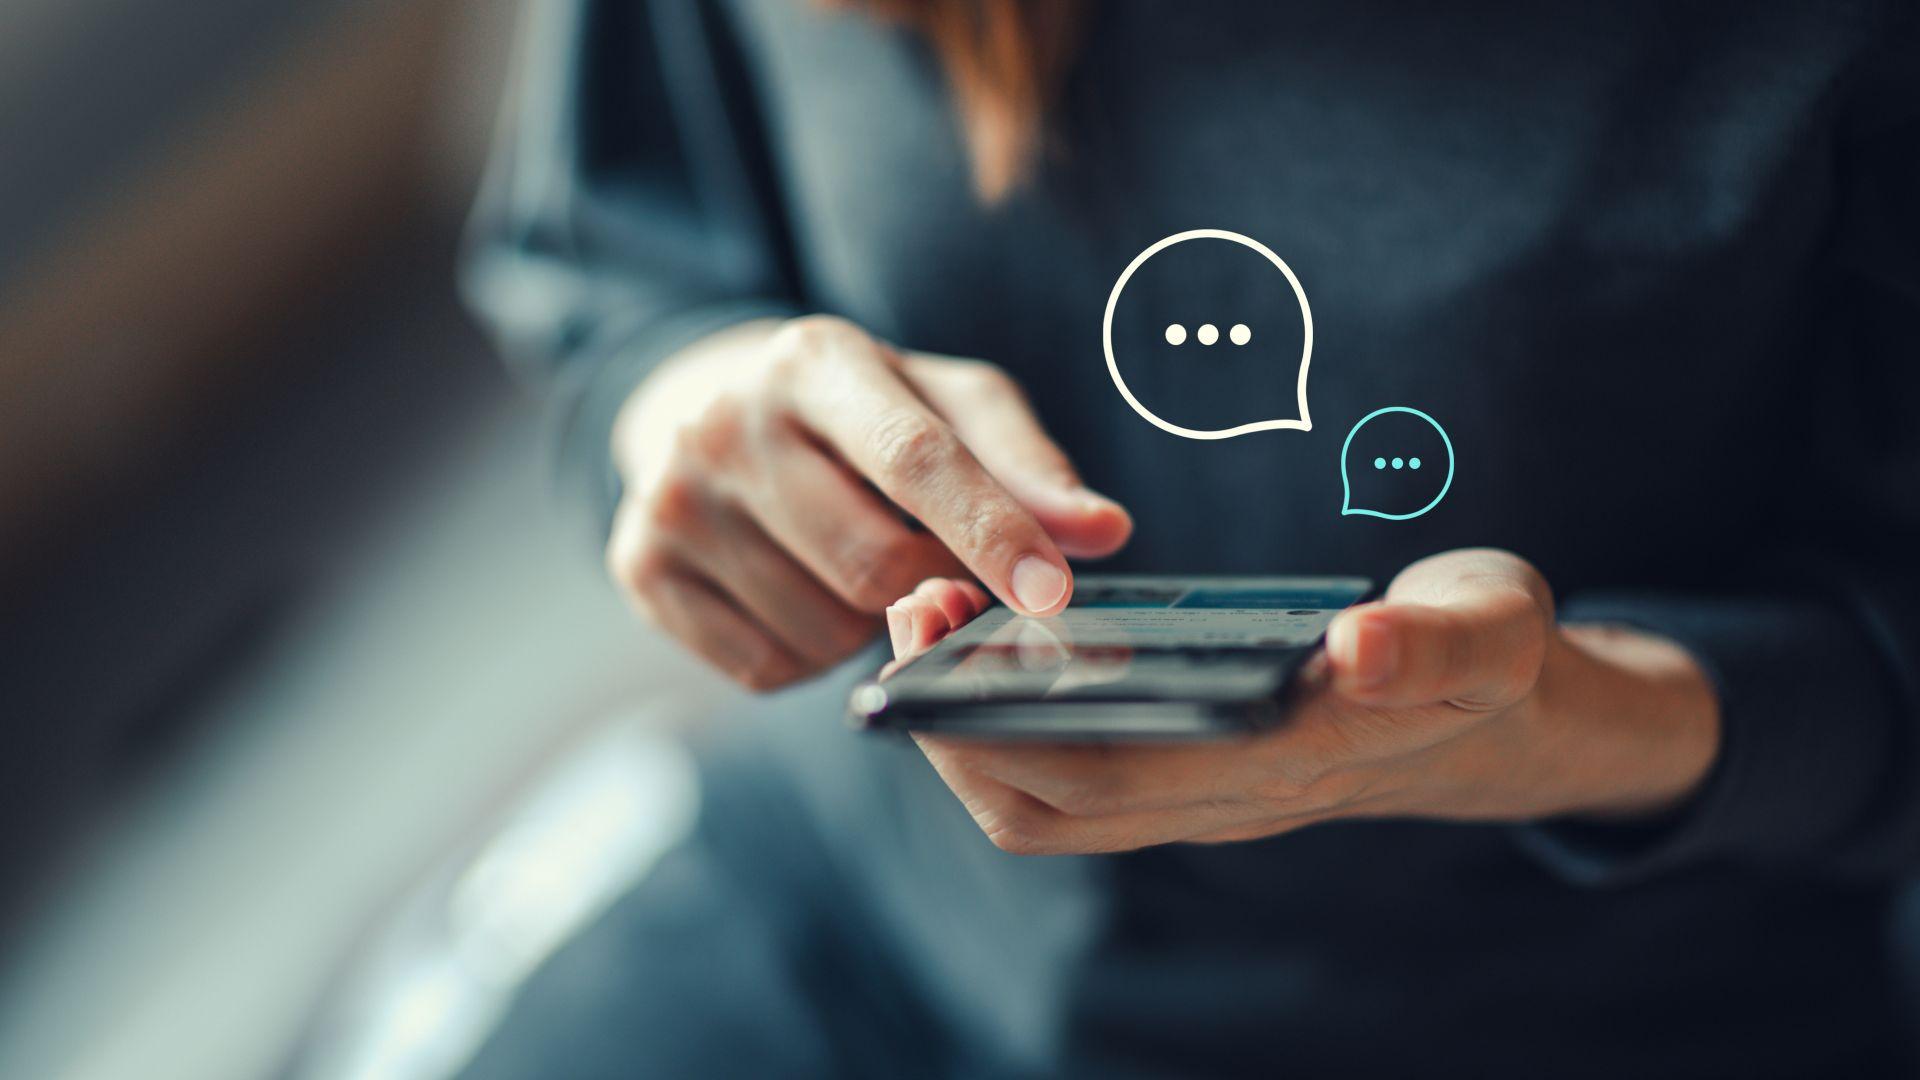 Над 1,4 милиарда позвънявания през WhatsApp на Нова година